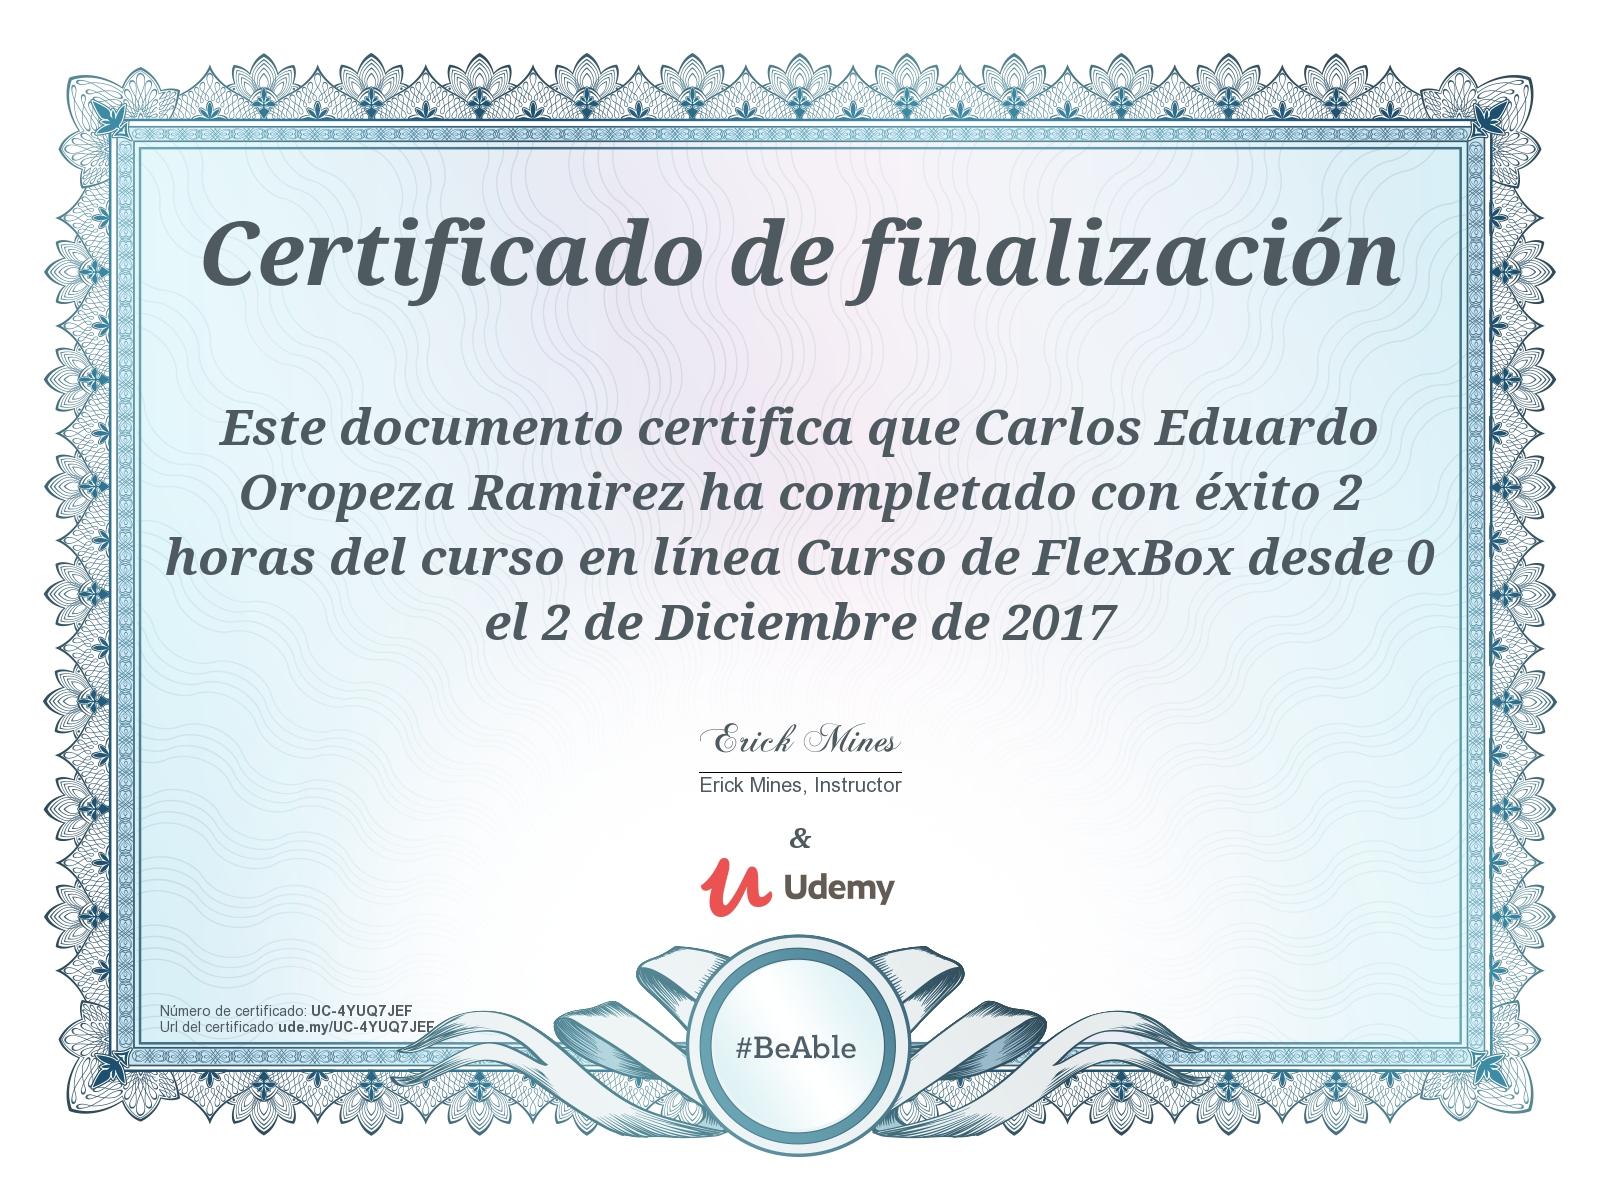 udemy certificate seo crear curso desde posicionamiento guardado sitio completion hernandez course academia cesar gabriel